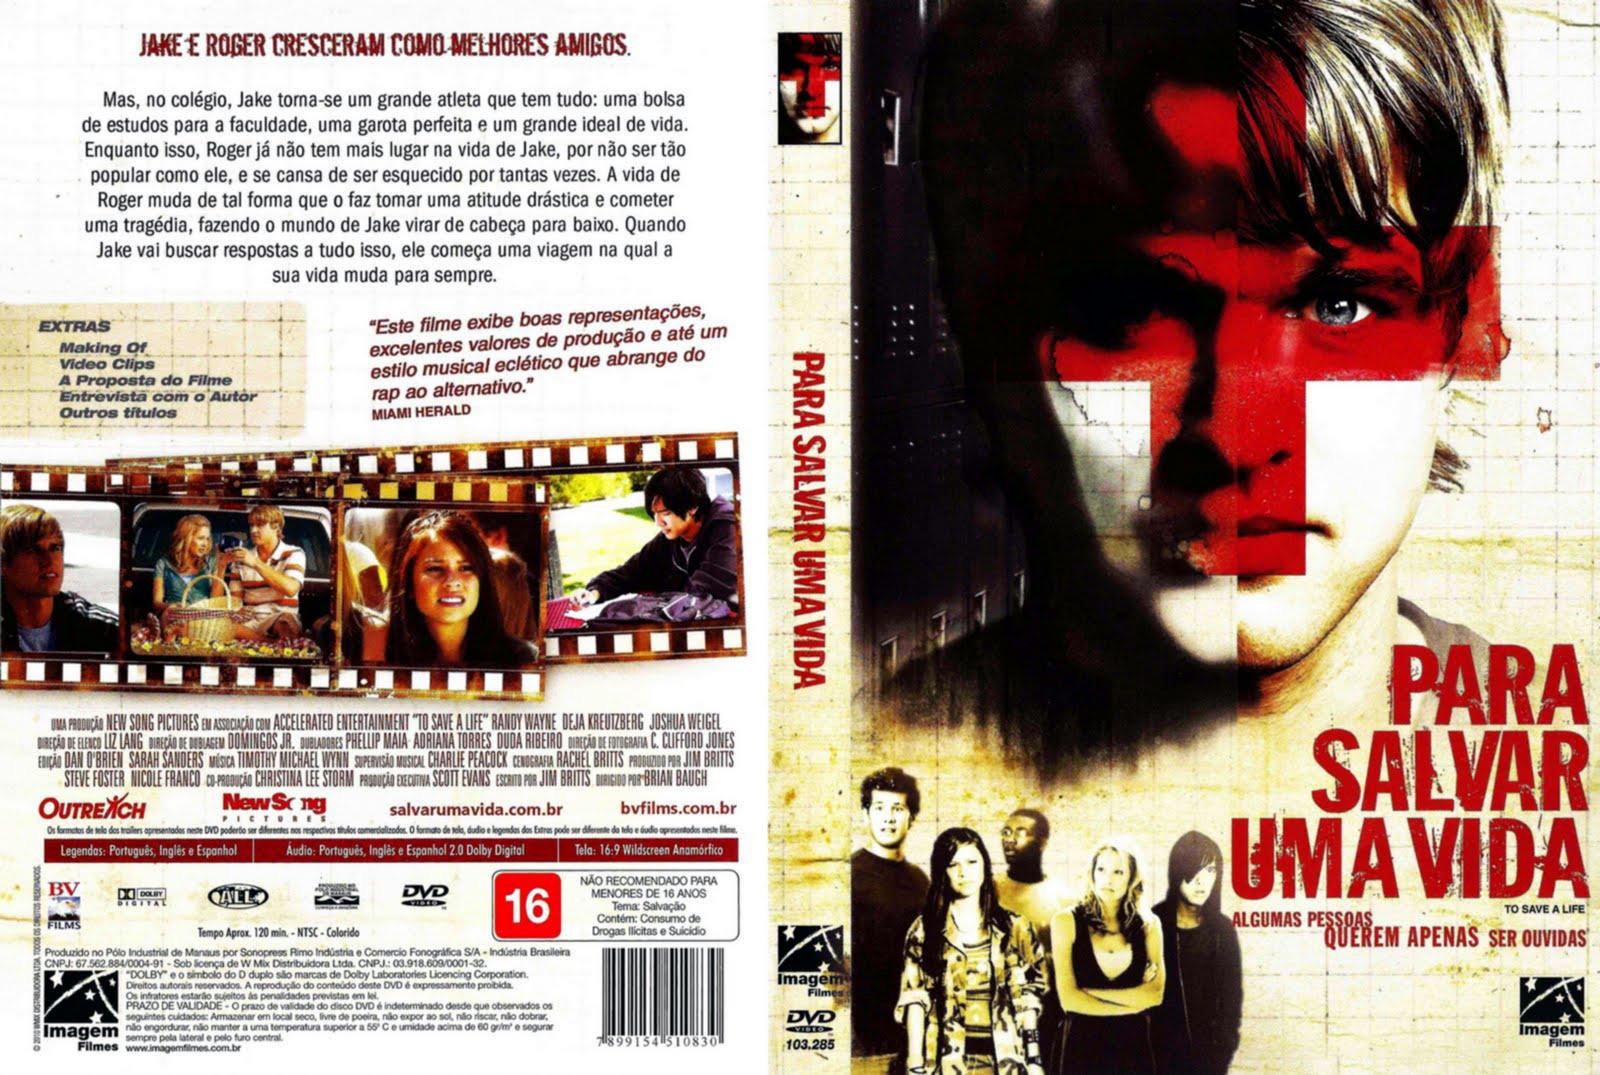 Filme Resgate De Uma Vida throughout sinopse de filmes cristãos | acervo da teologia rascunho